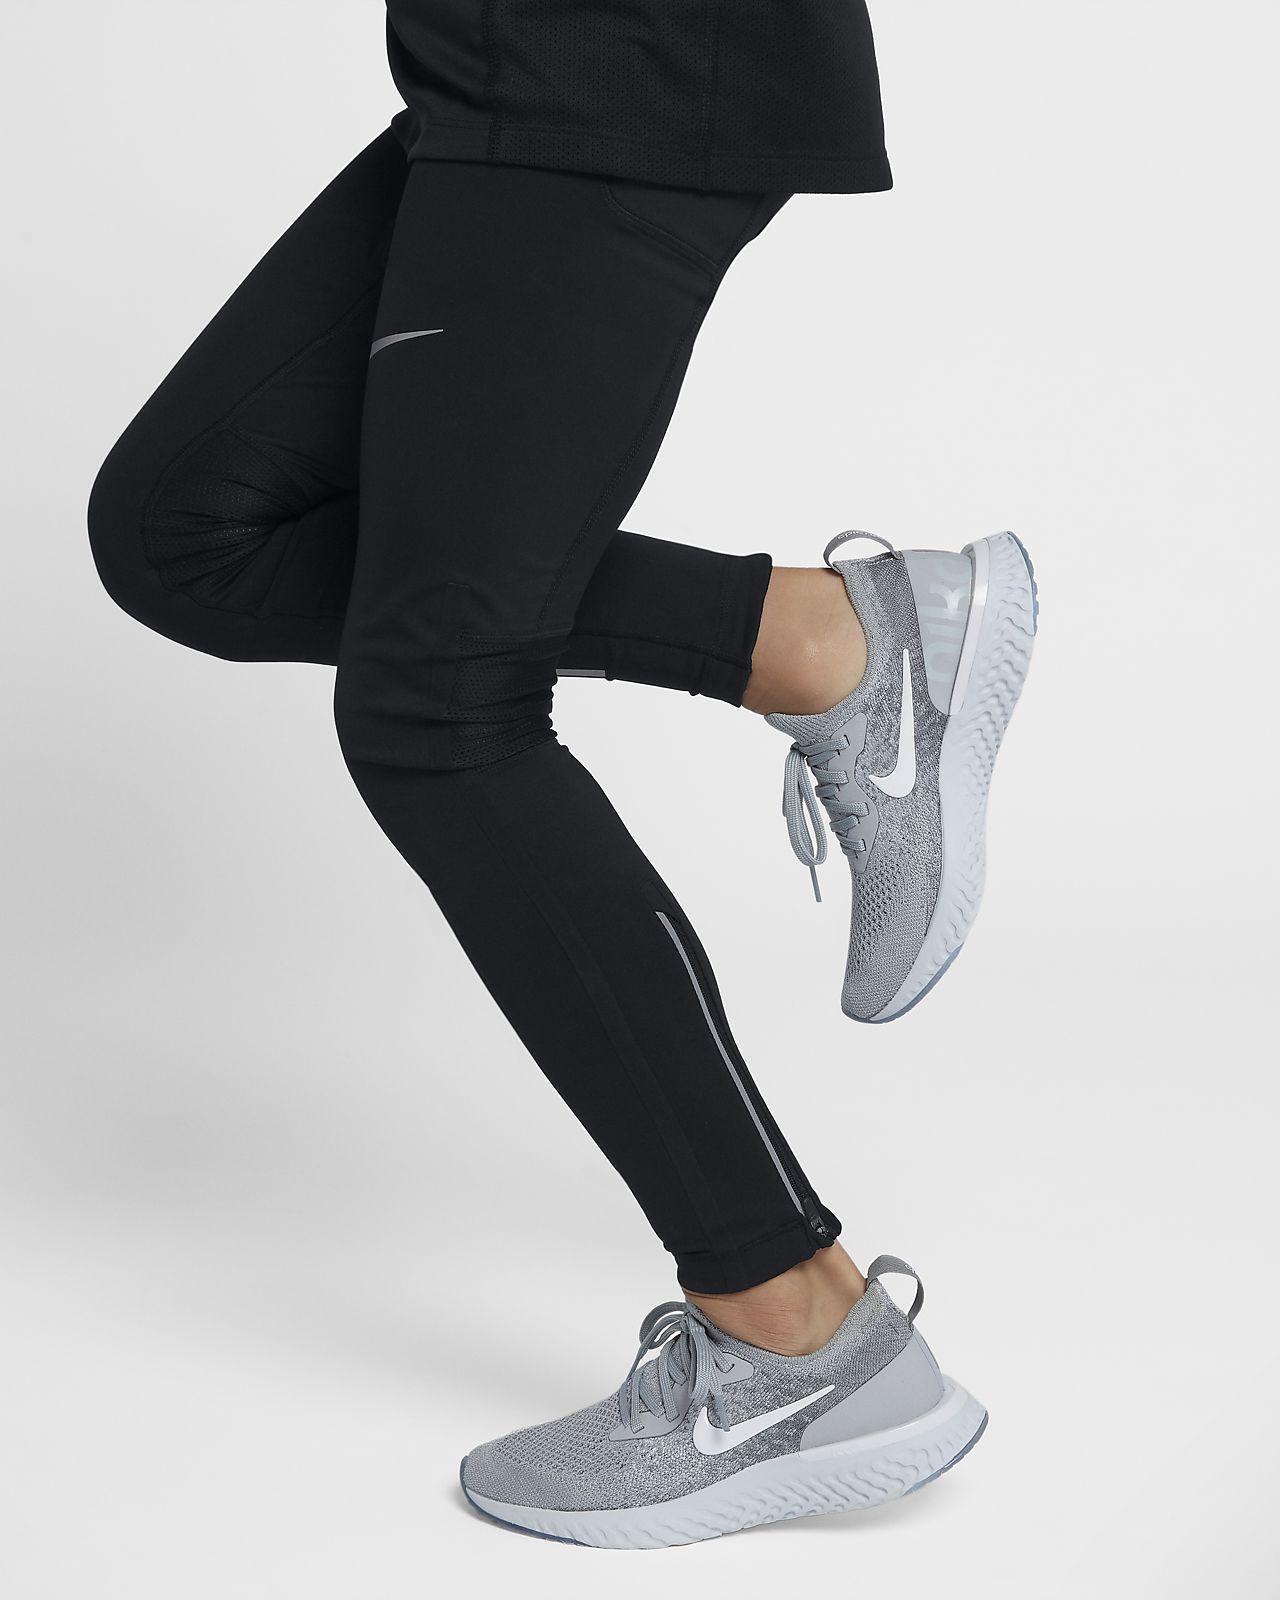 Nike Epic React Flyknit-løbesko til store børn